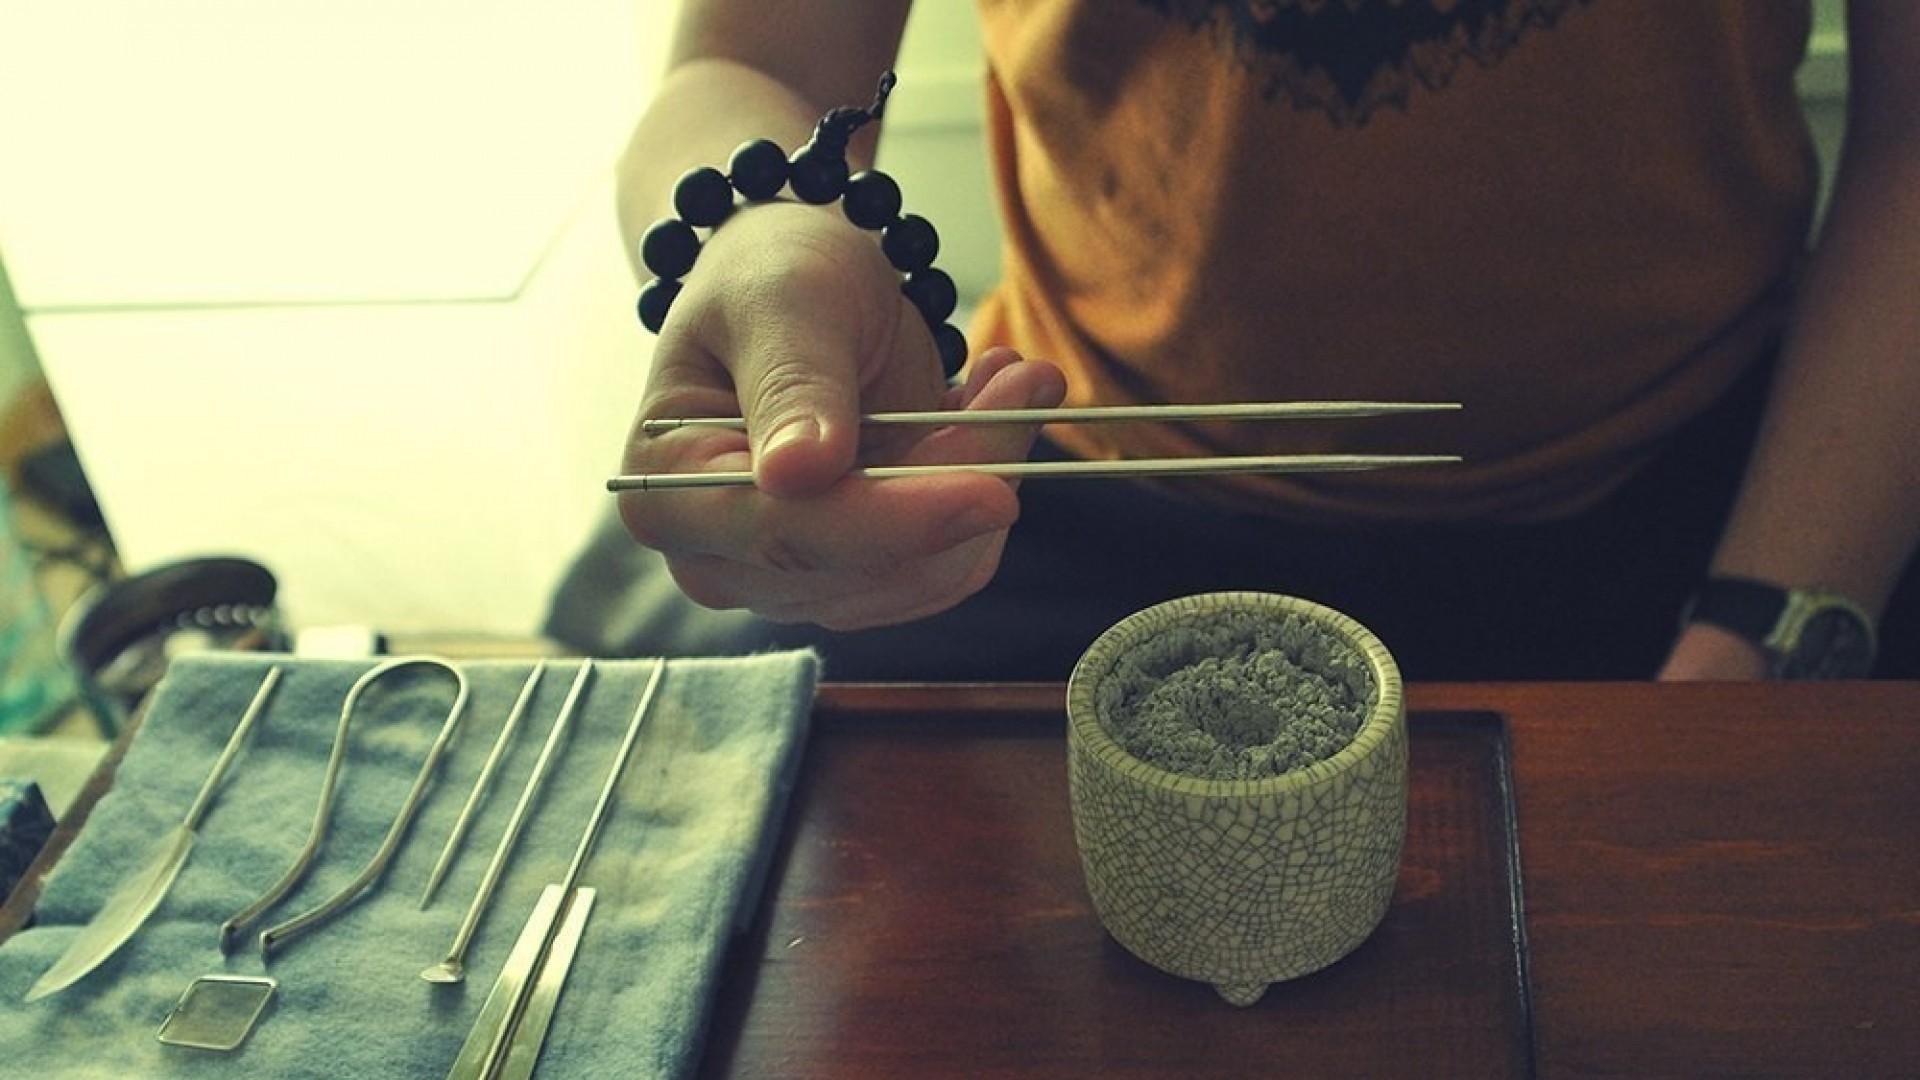 Японское искусство «Ко До» — вкушение аромата душой и сердцем